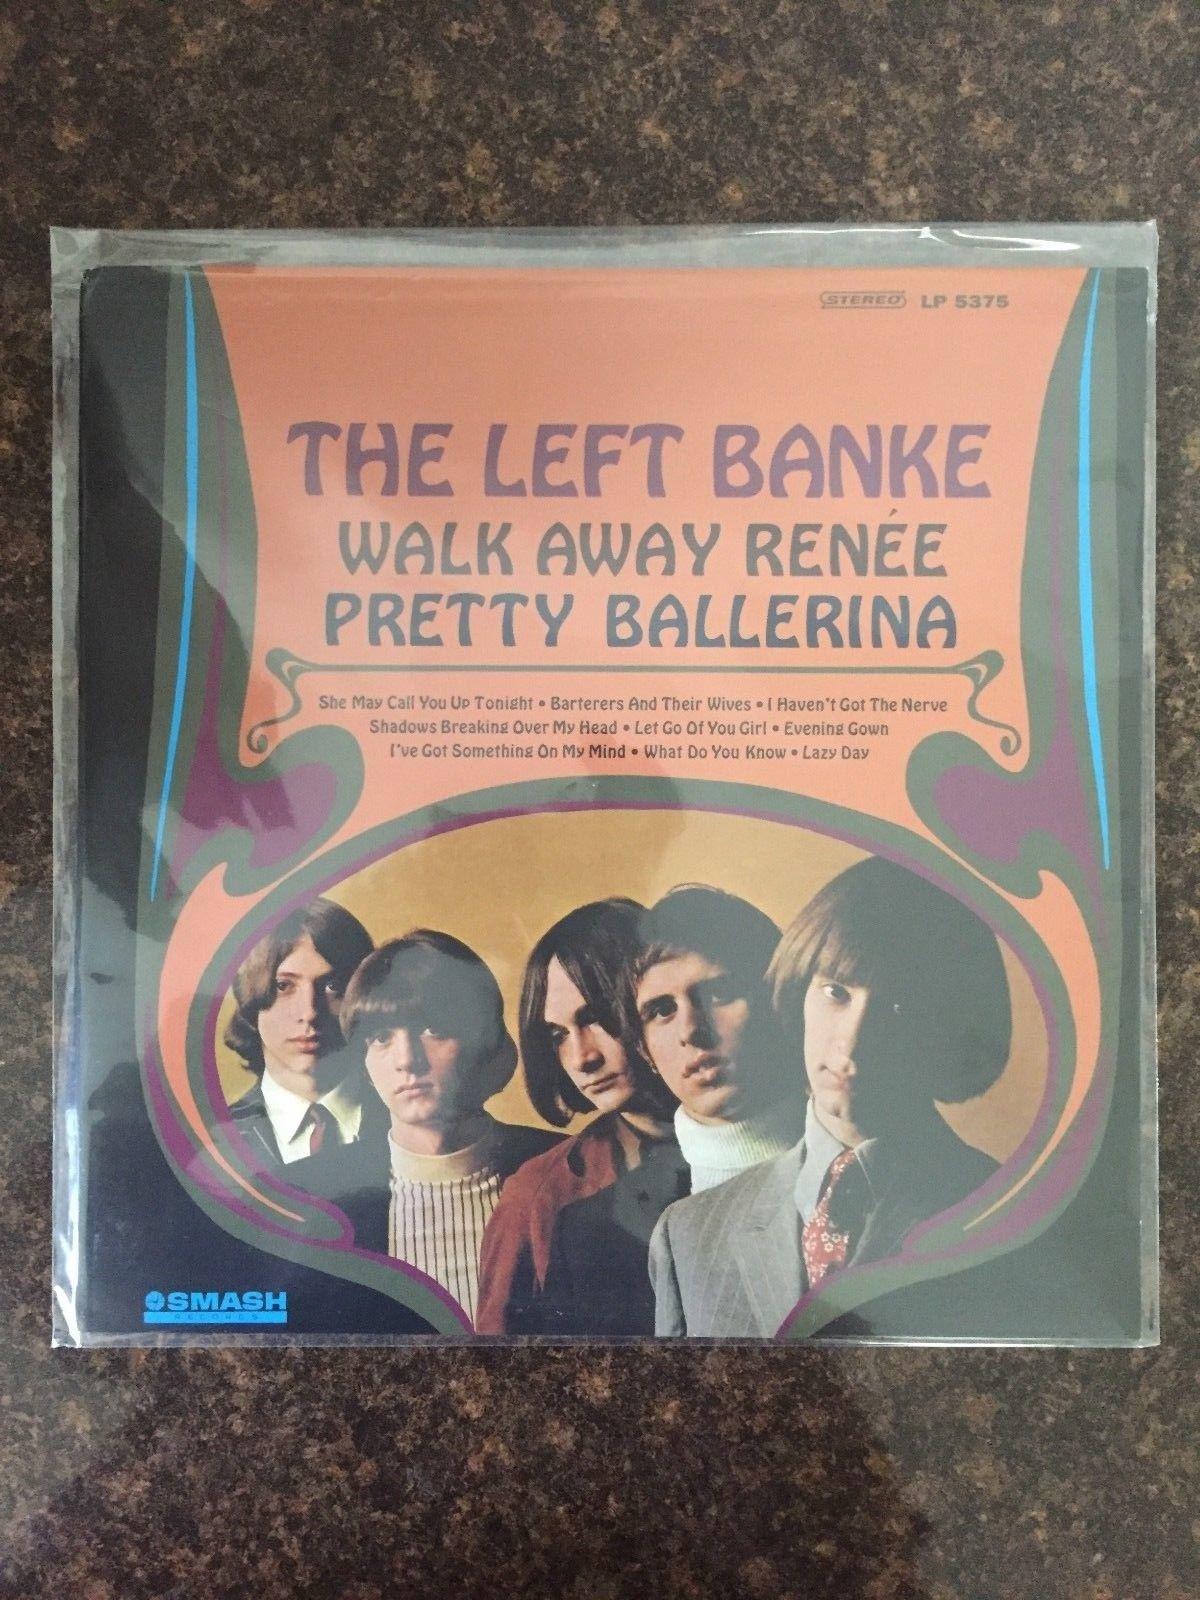 THE LEFT BANKE WALK AWAY RENEE PRETTY